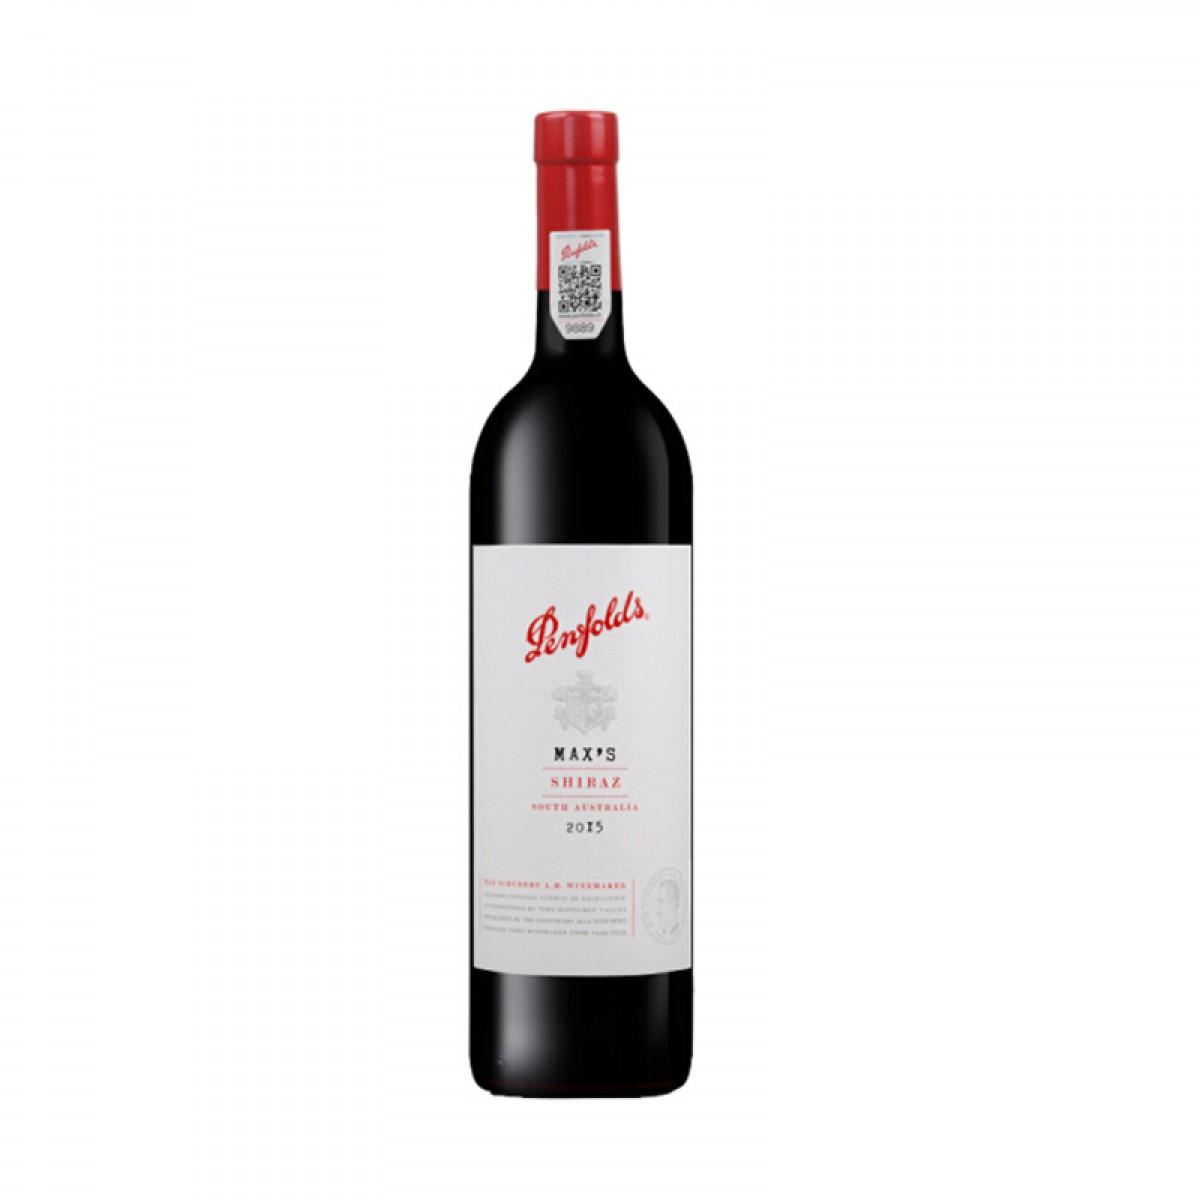 富邑葡萄酒集团 奔富Penfolds 奔富 麦克斯 西拉干红葡萄酒 澳大利亚进口红酒 750ml 单瓶装